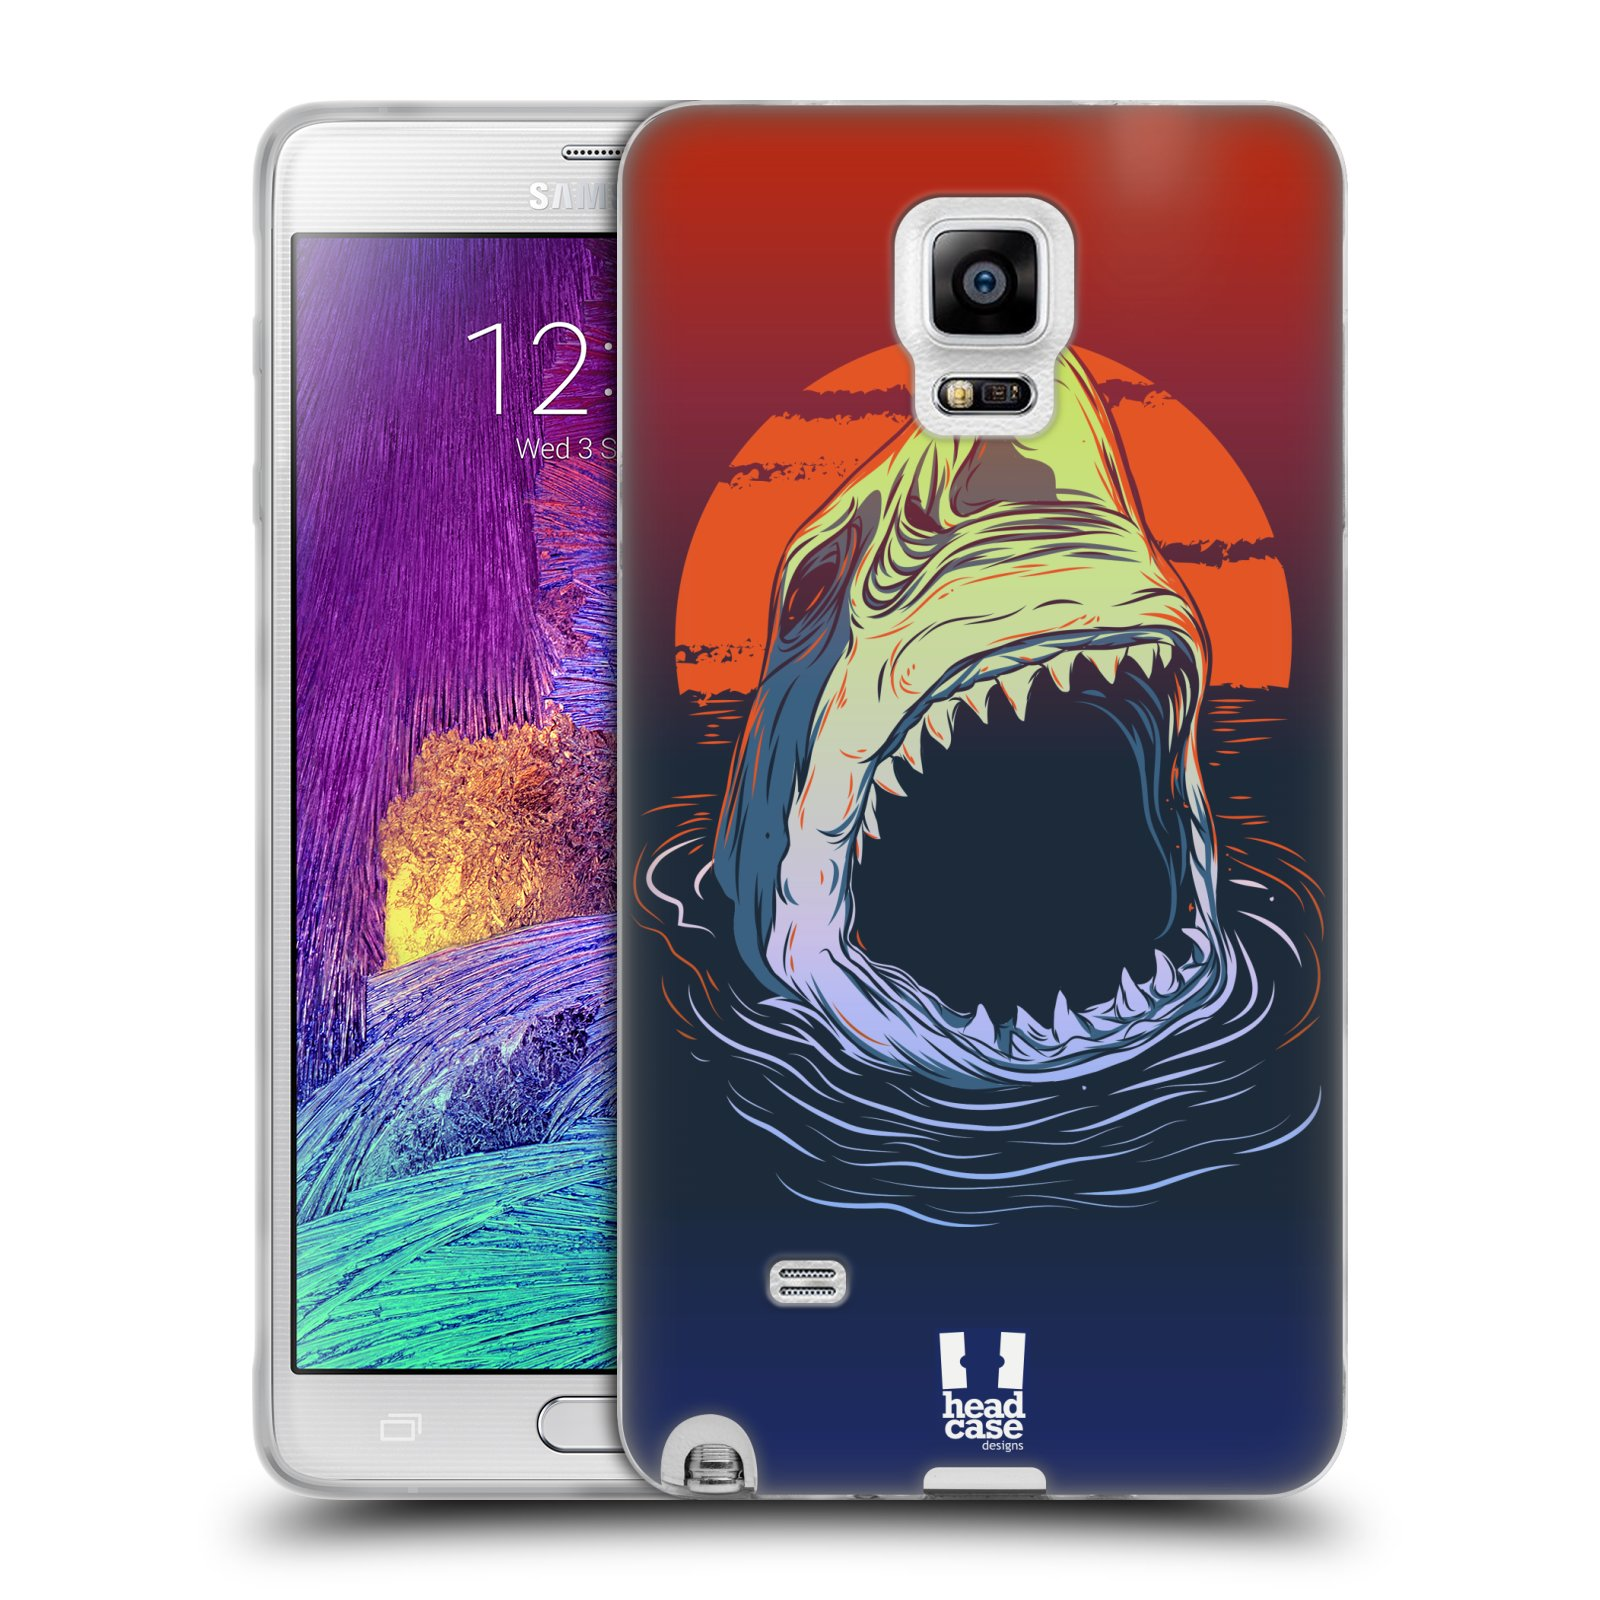 HEAD CASE silikonový obal na mobil Samsung Galaxy Note 4 (N910) vzor mořská monstra žralok